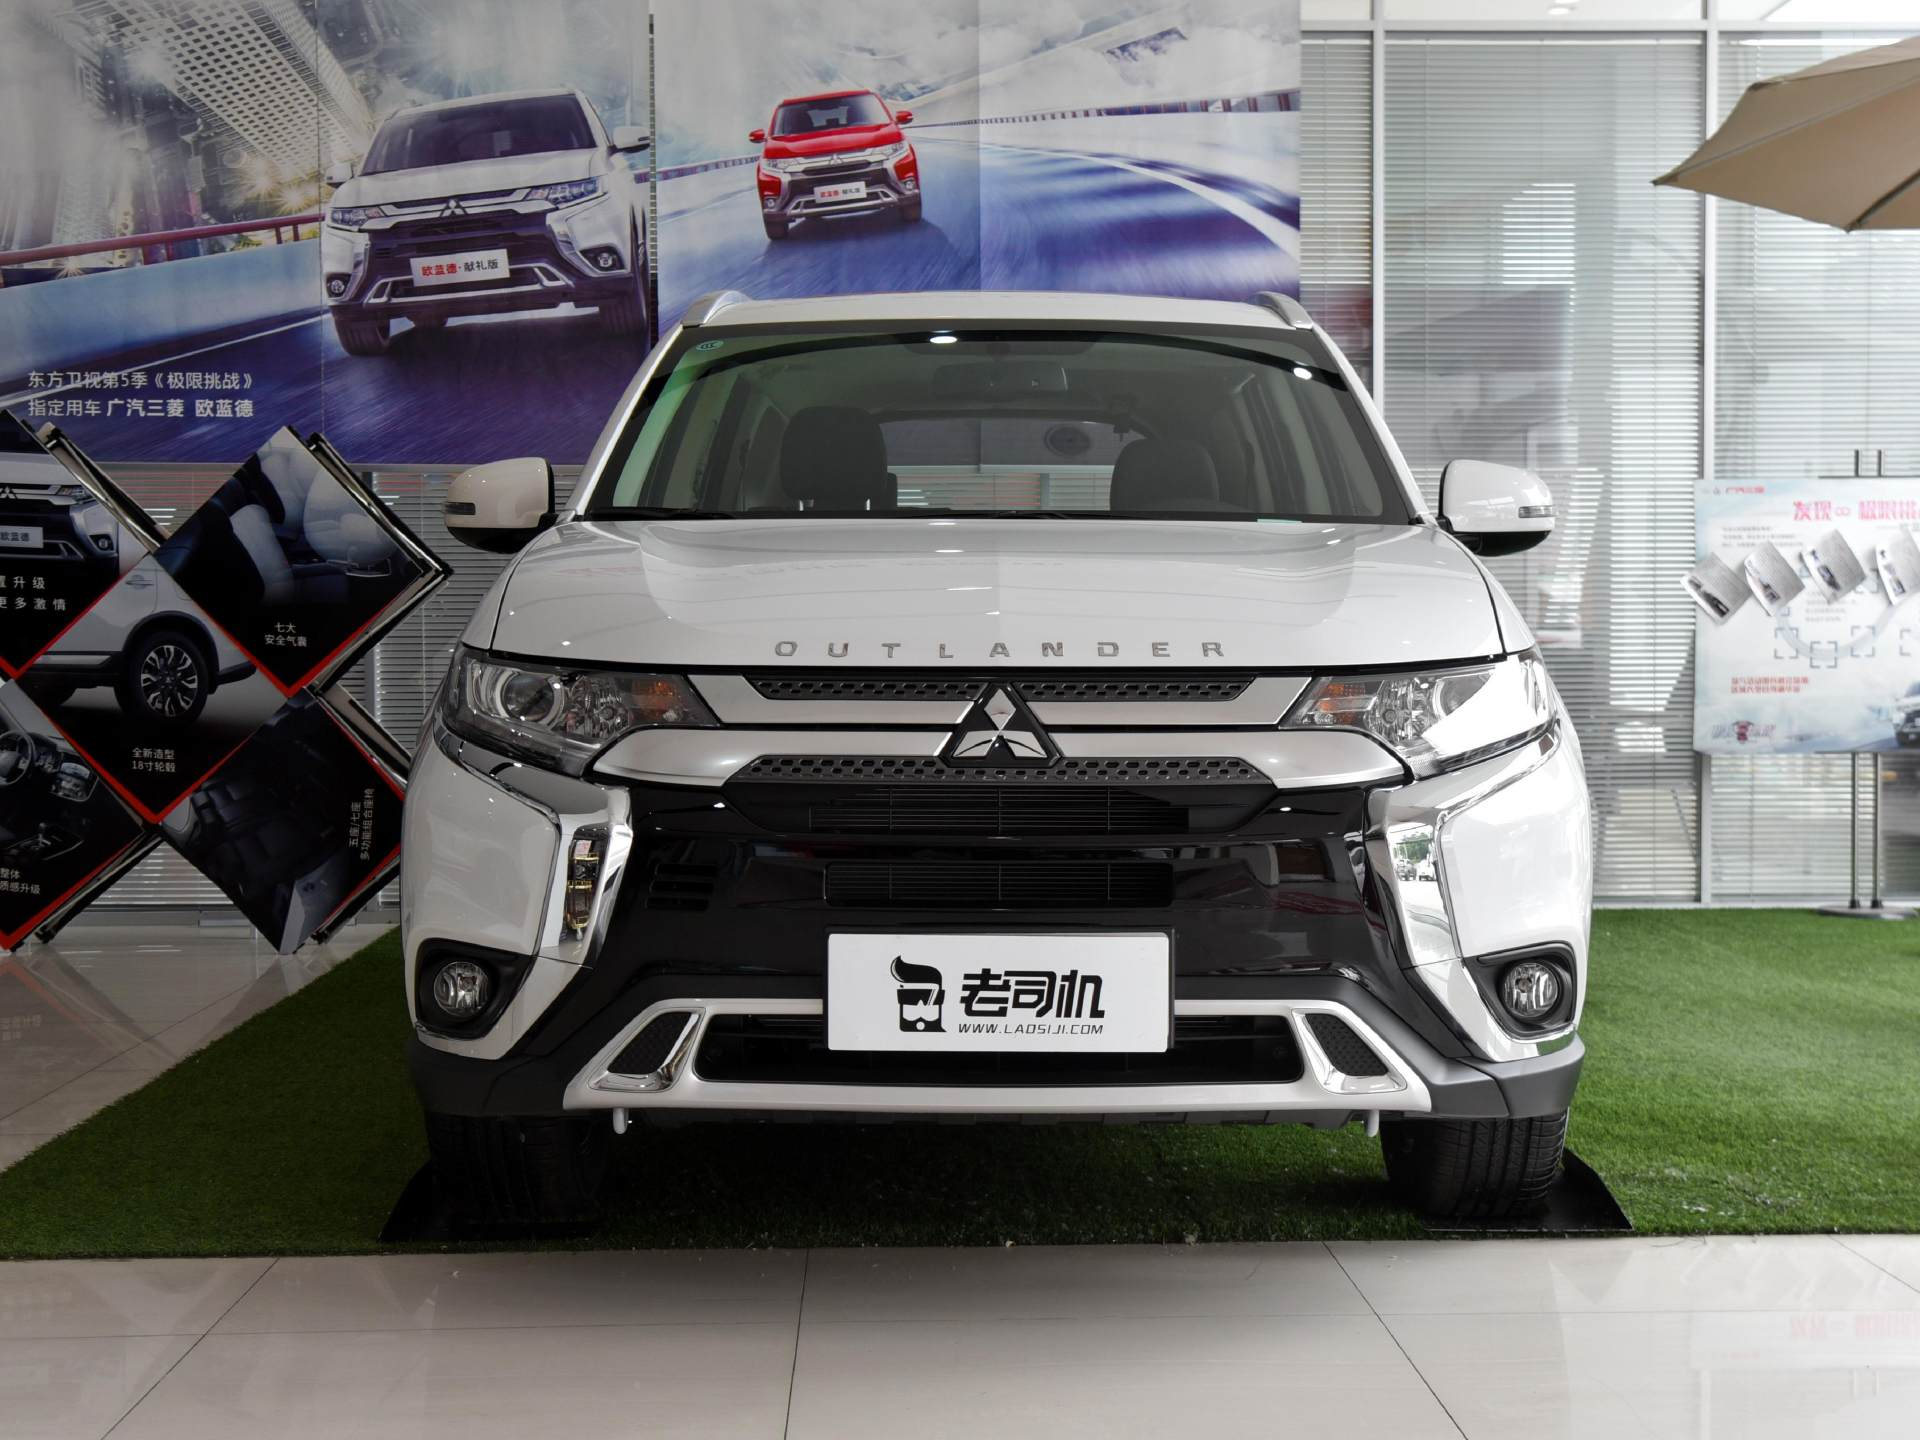 15萬買合資SUV的新選擇,這車比哈弗H6更穩定,比CRV便宜,空間也不小-圖2